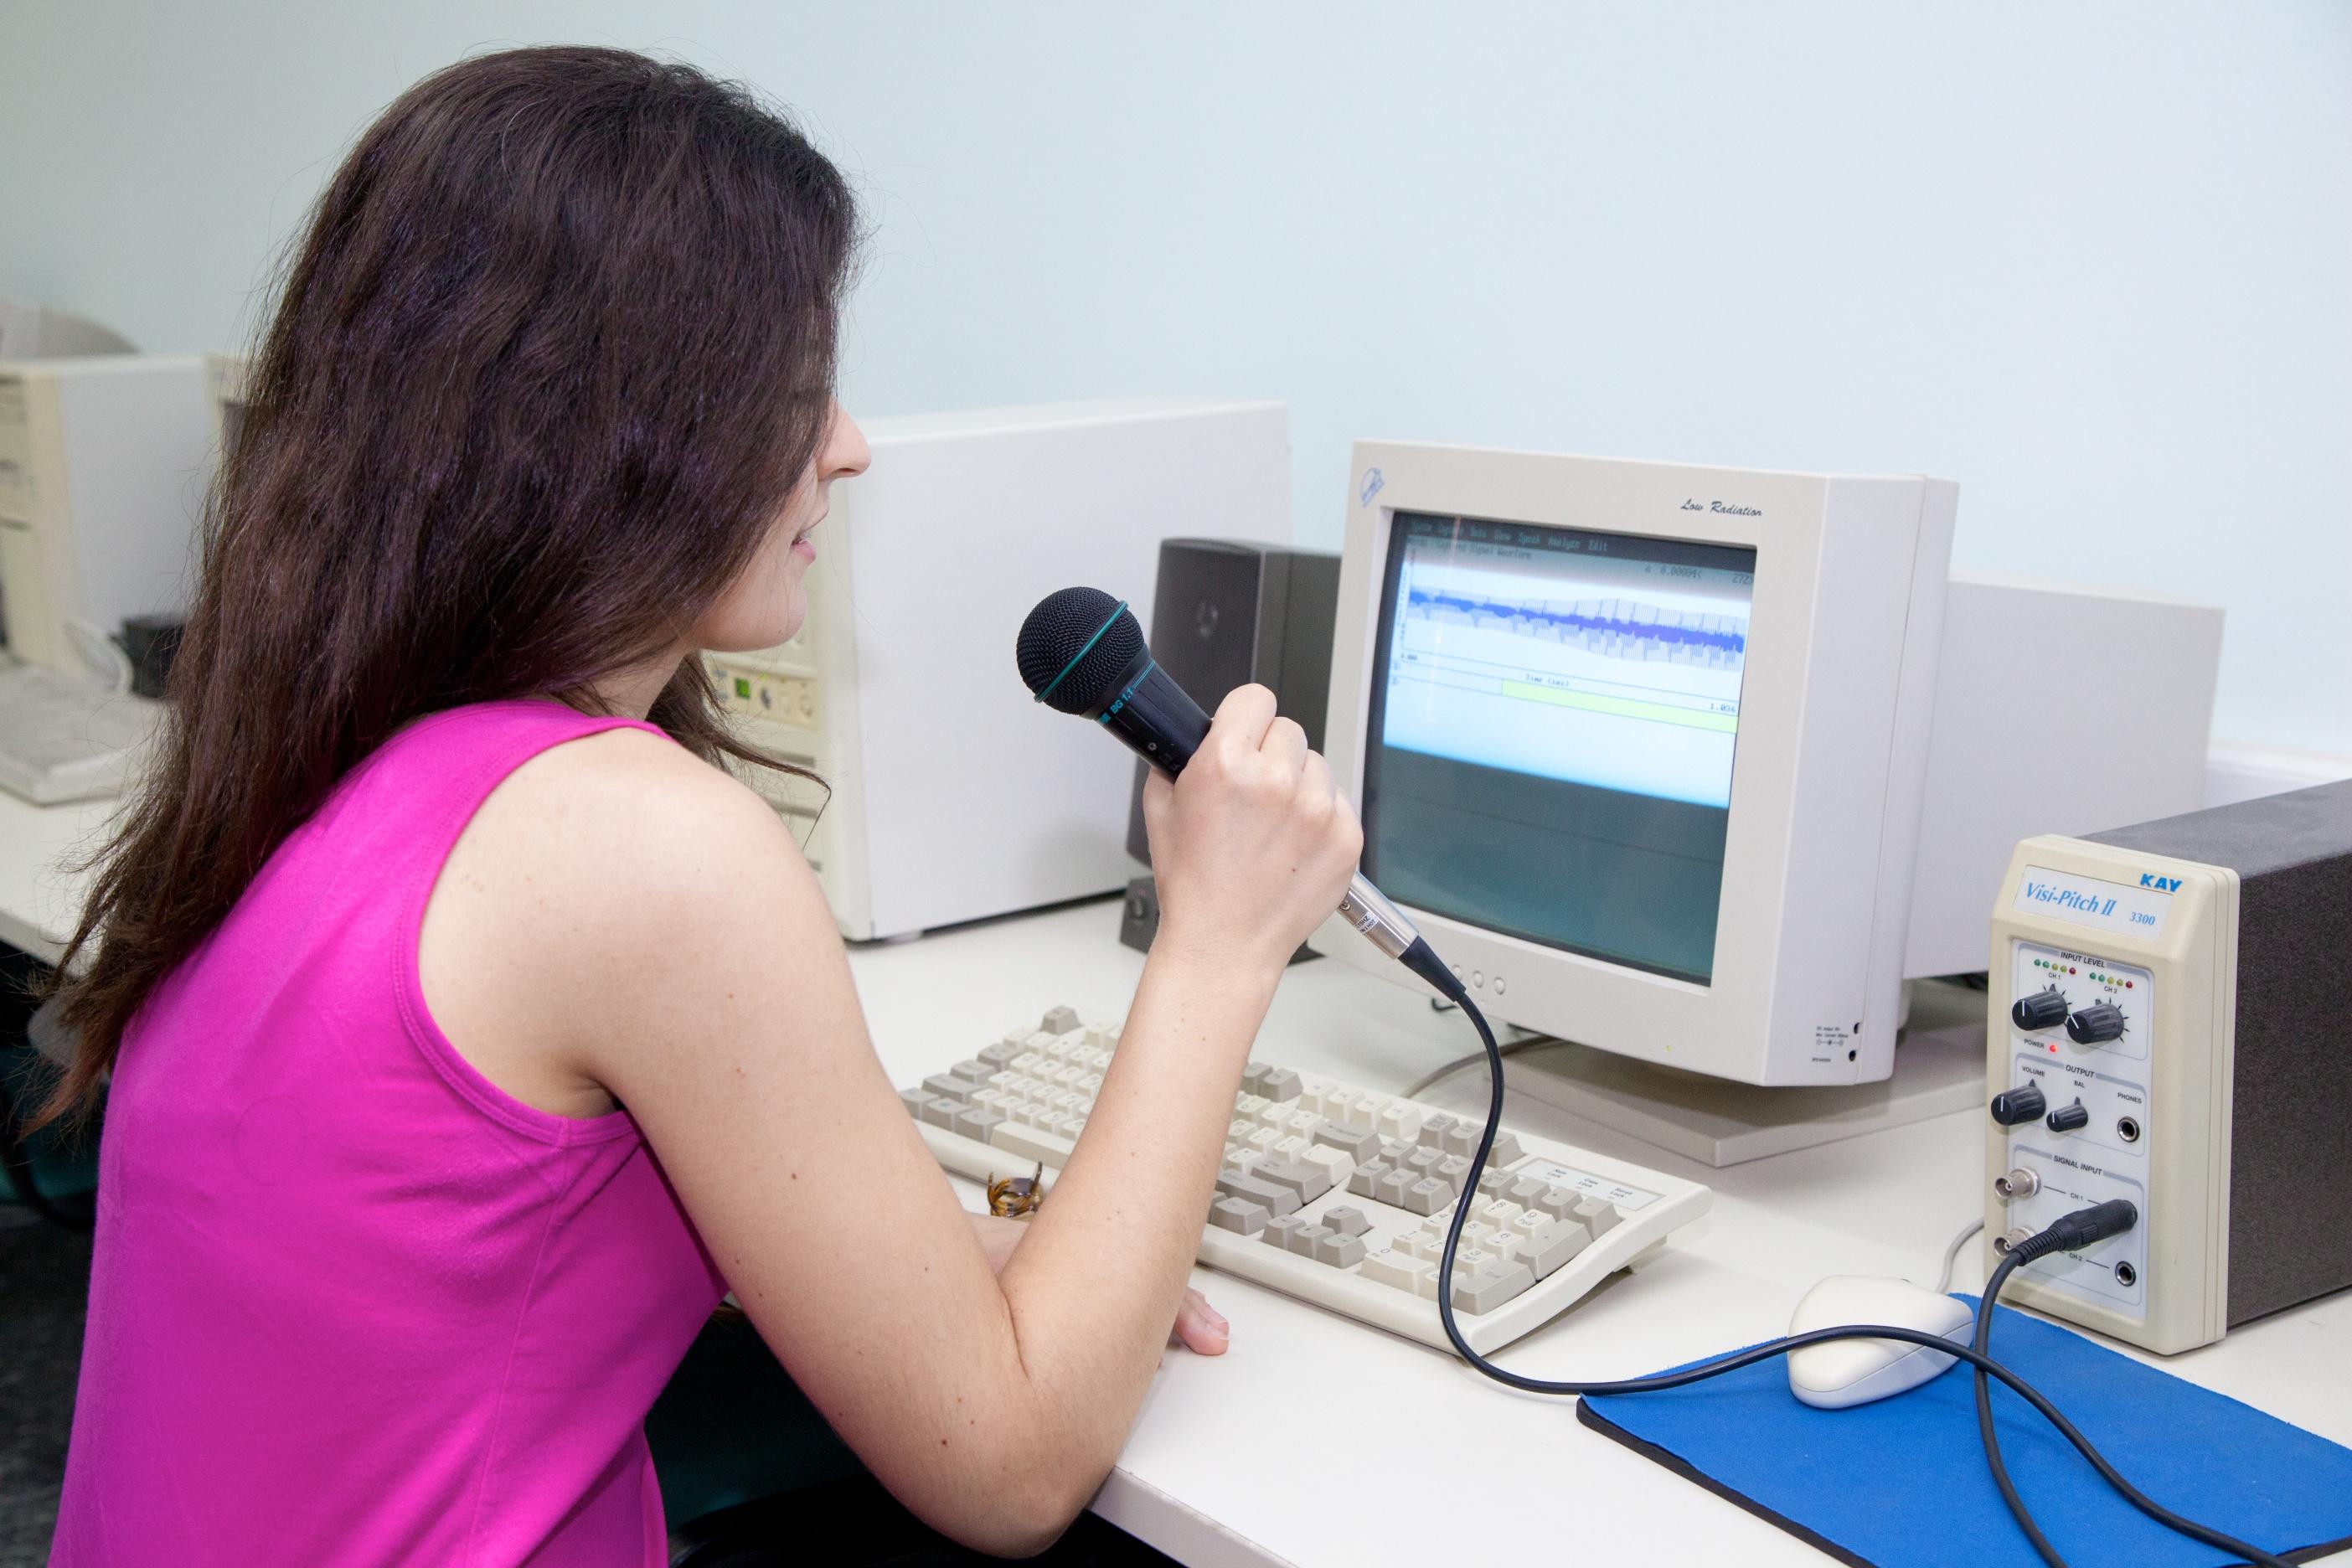 Χρήση υπολογιστή για εκπαιδευτικό σκοπό από φοιτήτρια